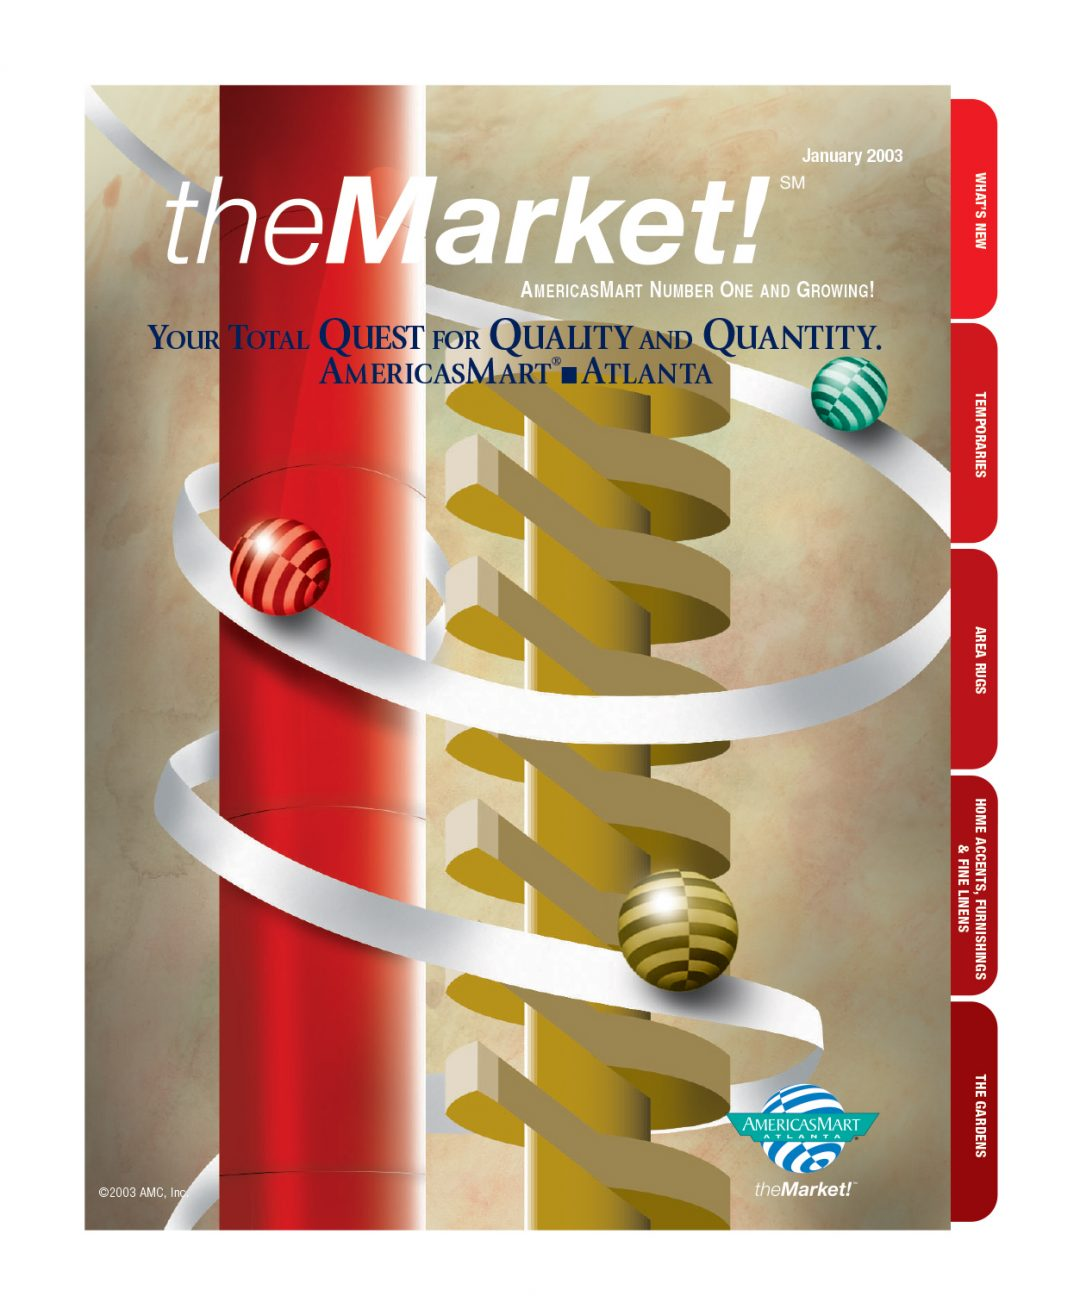 The Market Cover Design